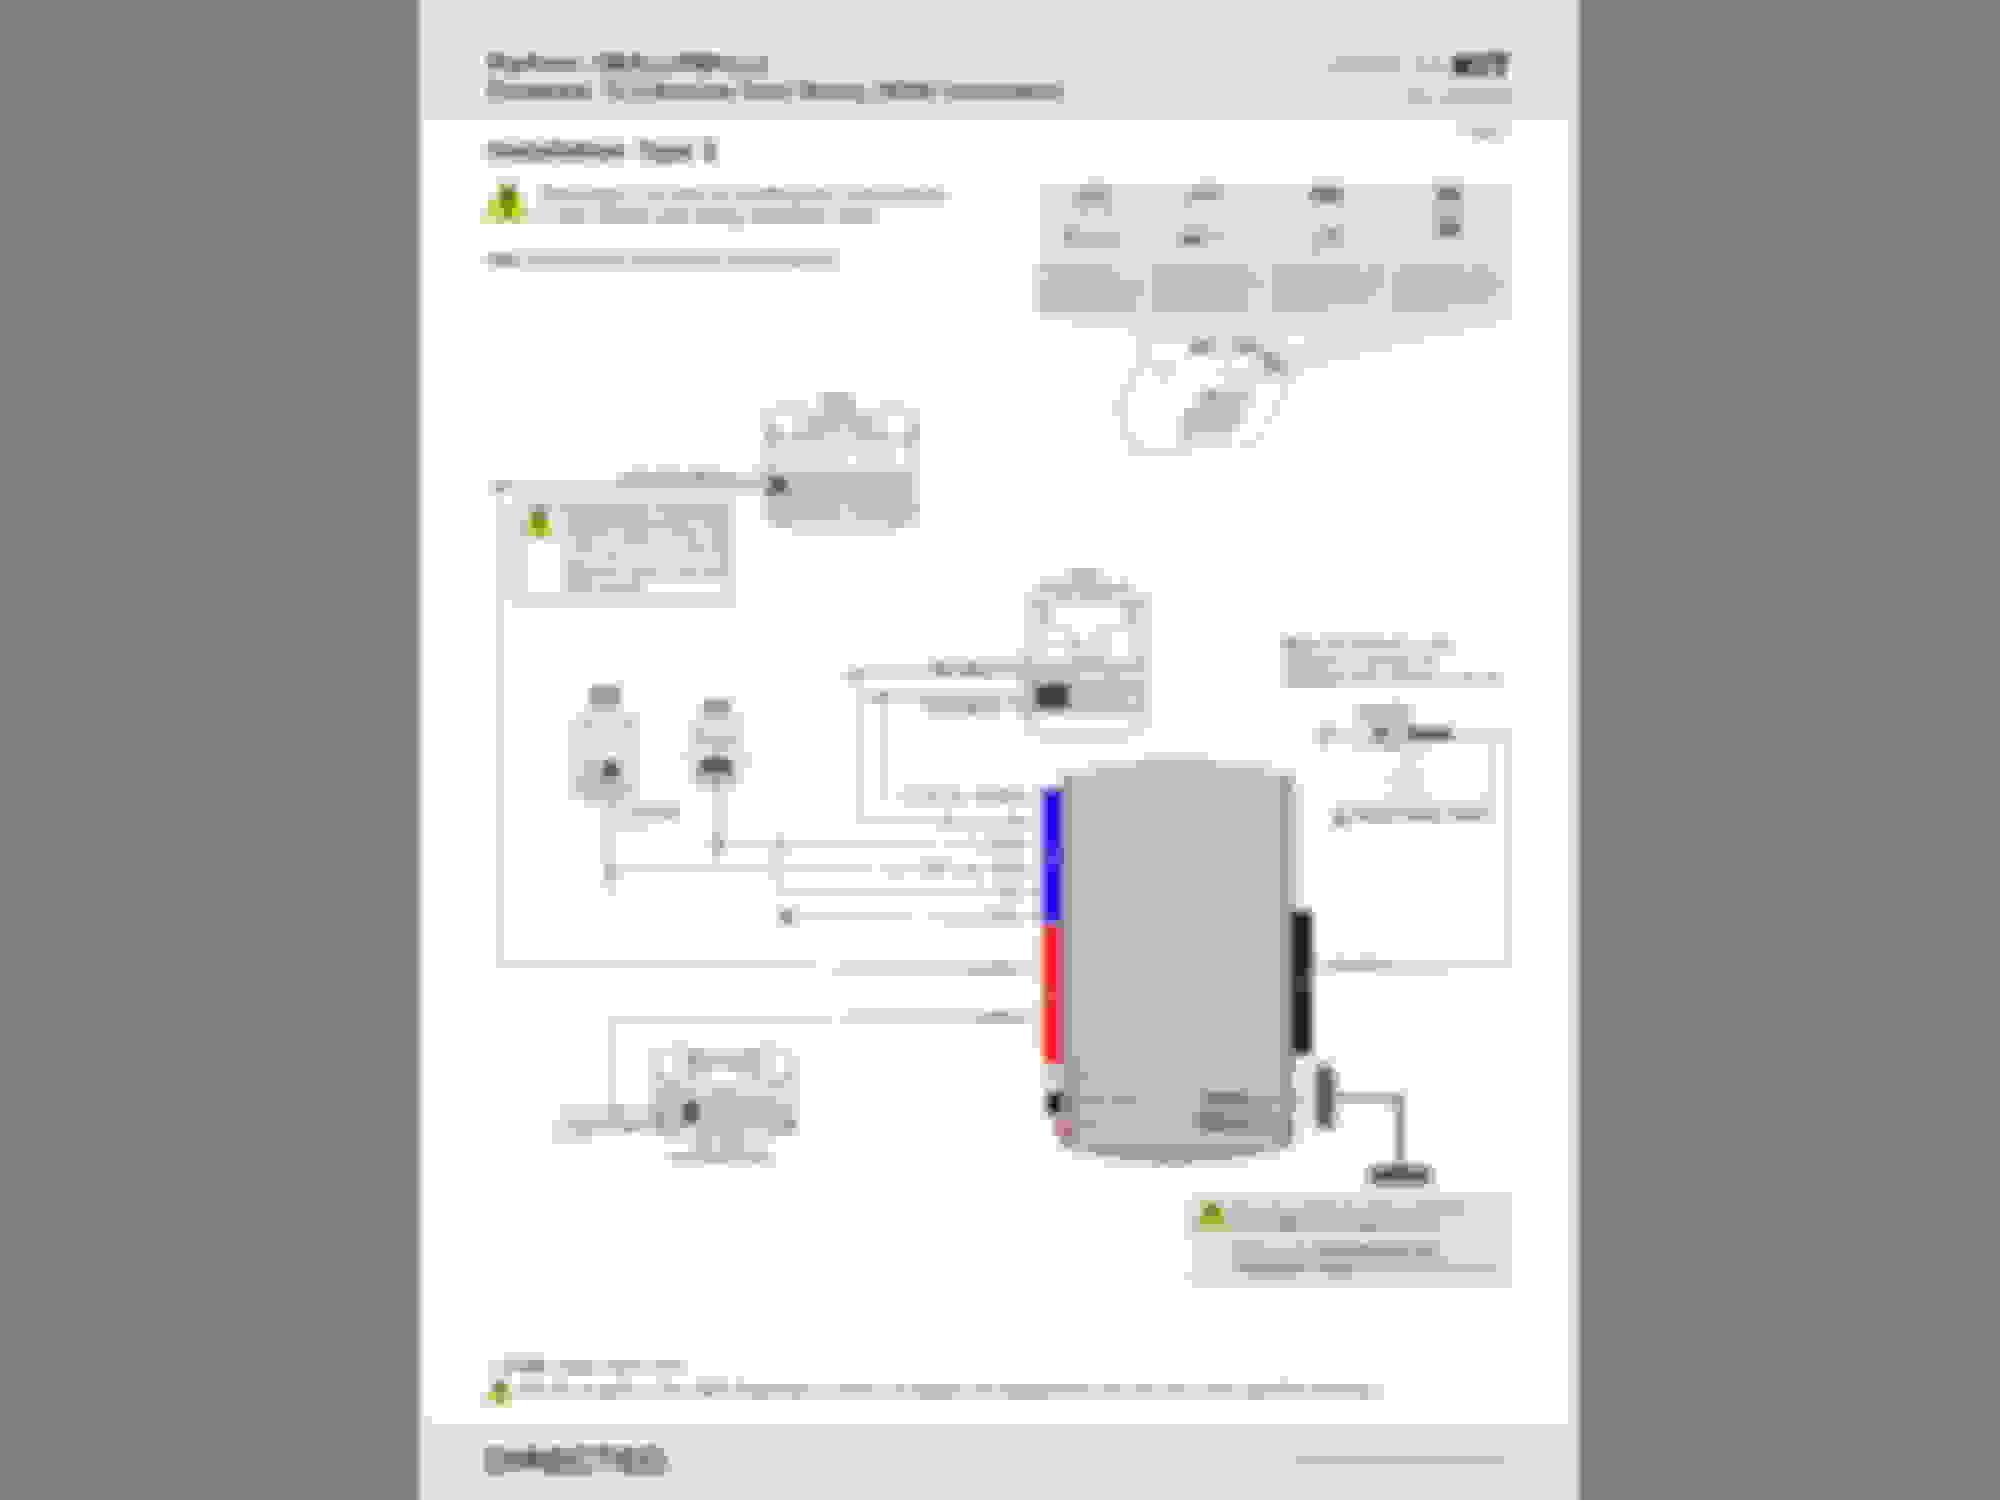 LS remote start install DIY - ClubLexus - Lexus Forum Discussion on